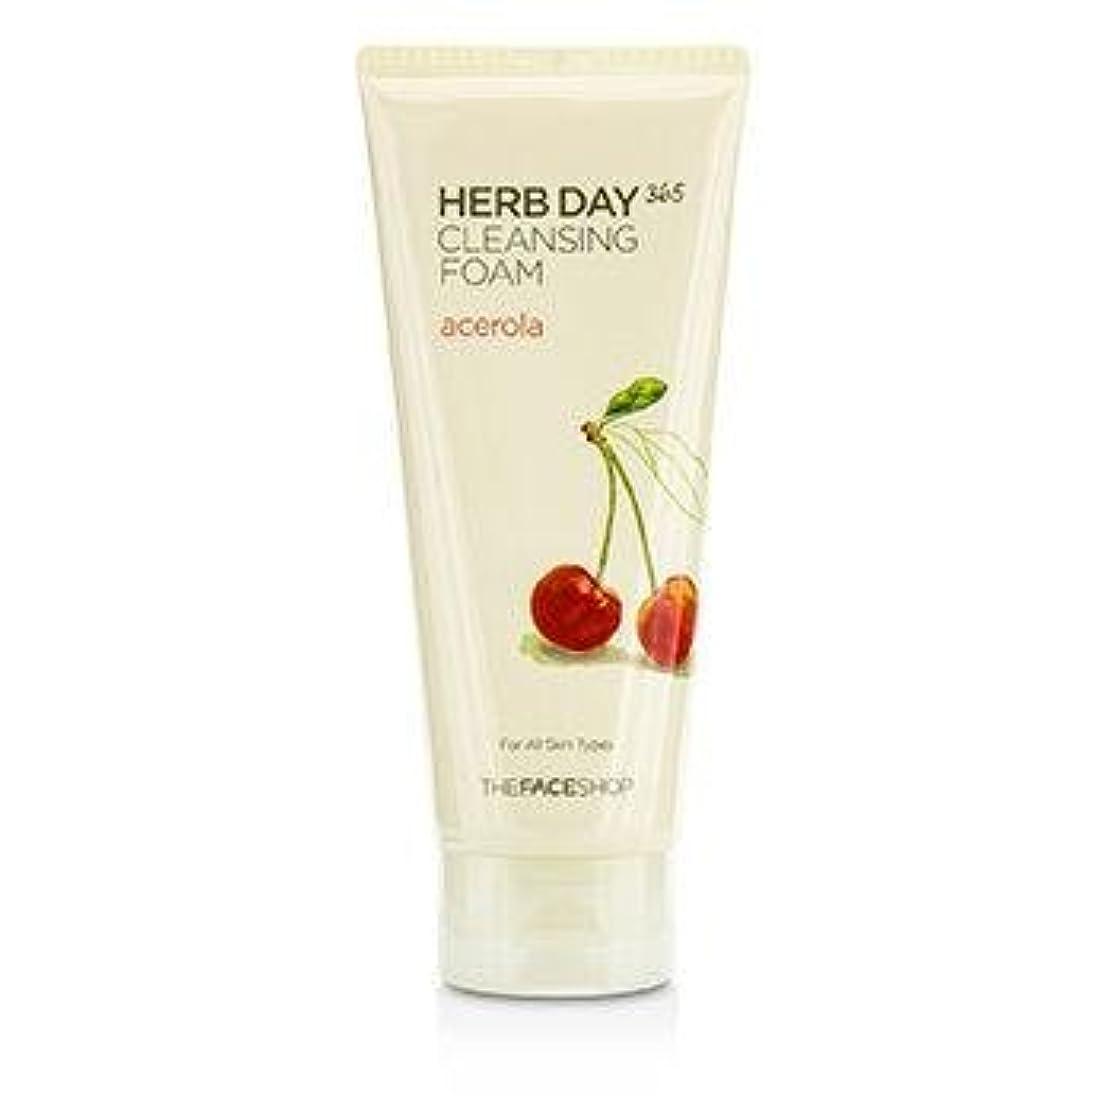 ハウジング不良耐えられないTHE FACE SHOP Herb Day 365 Cleansing Foam Acerola (並行輸入品)